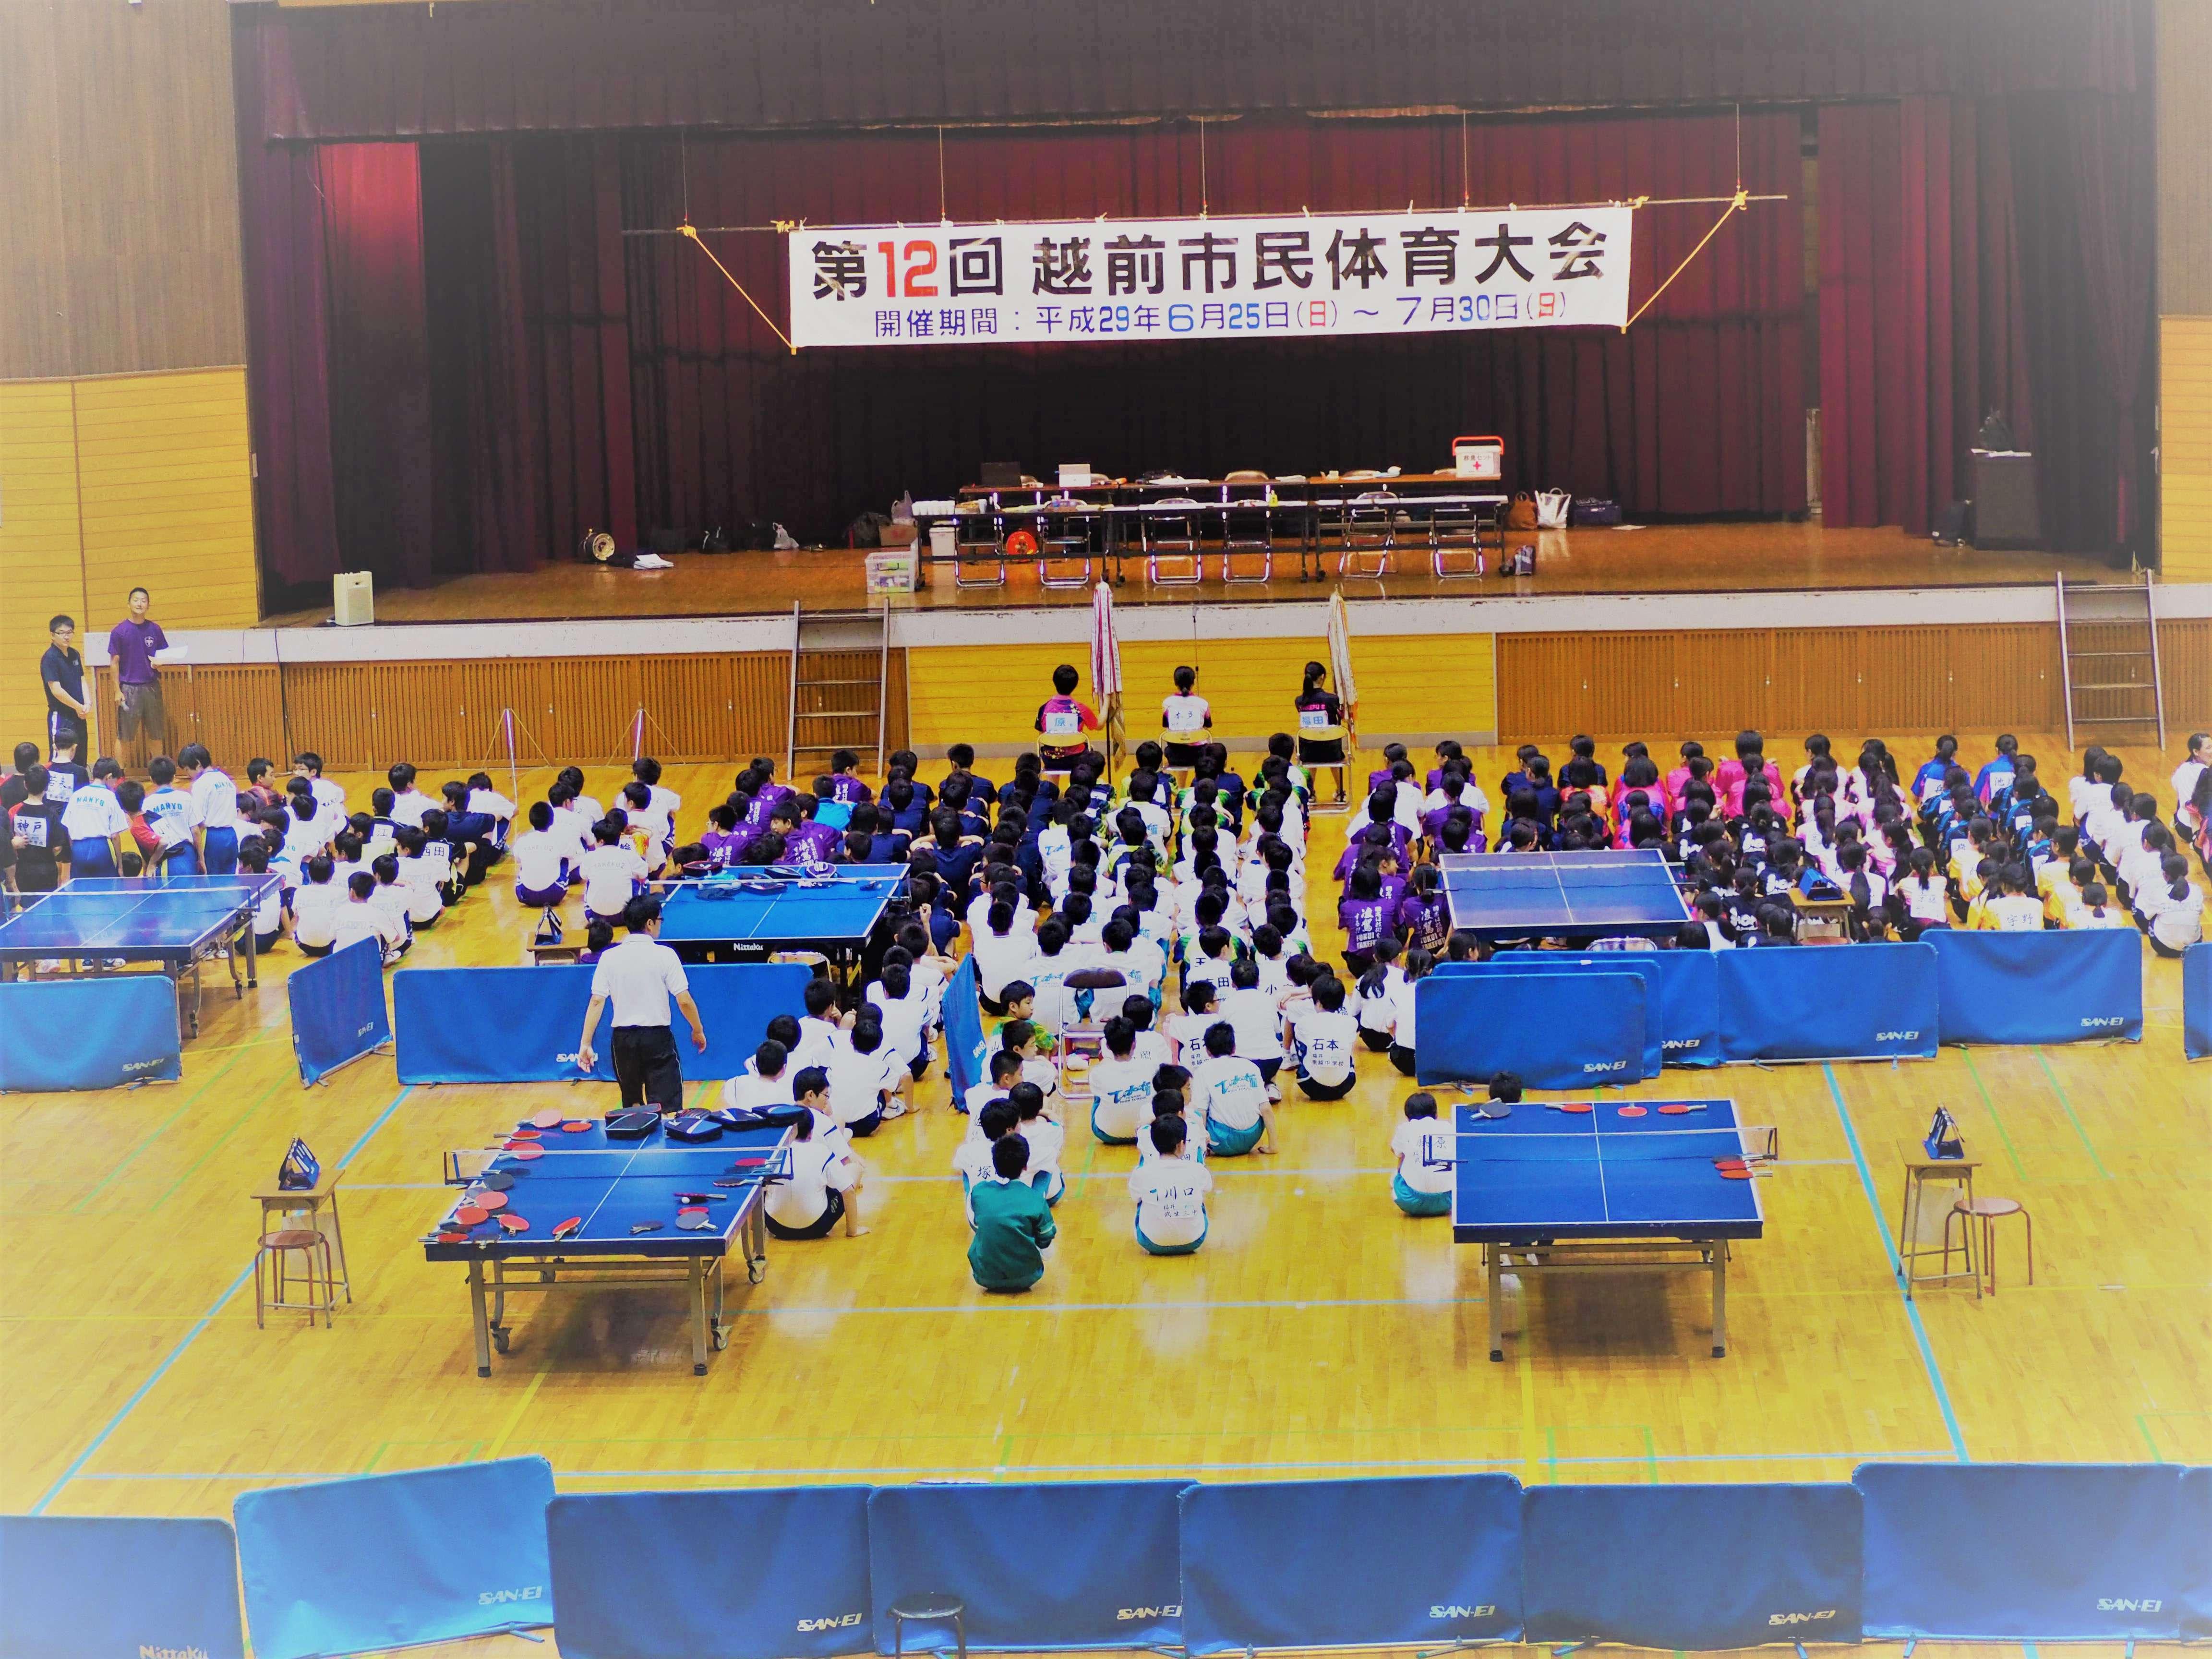 20170708_夏季総合競技大会南越地区卓球大会01